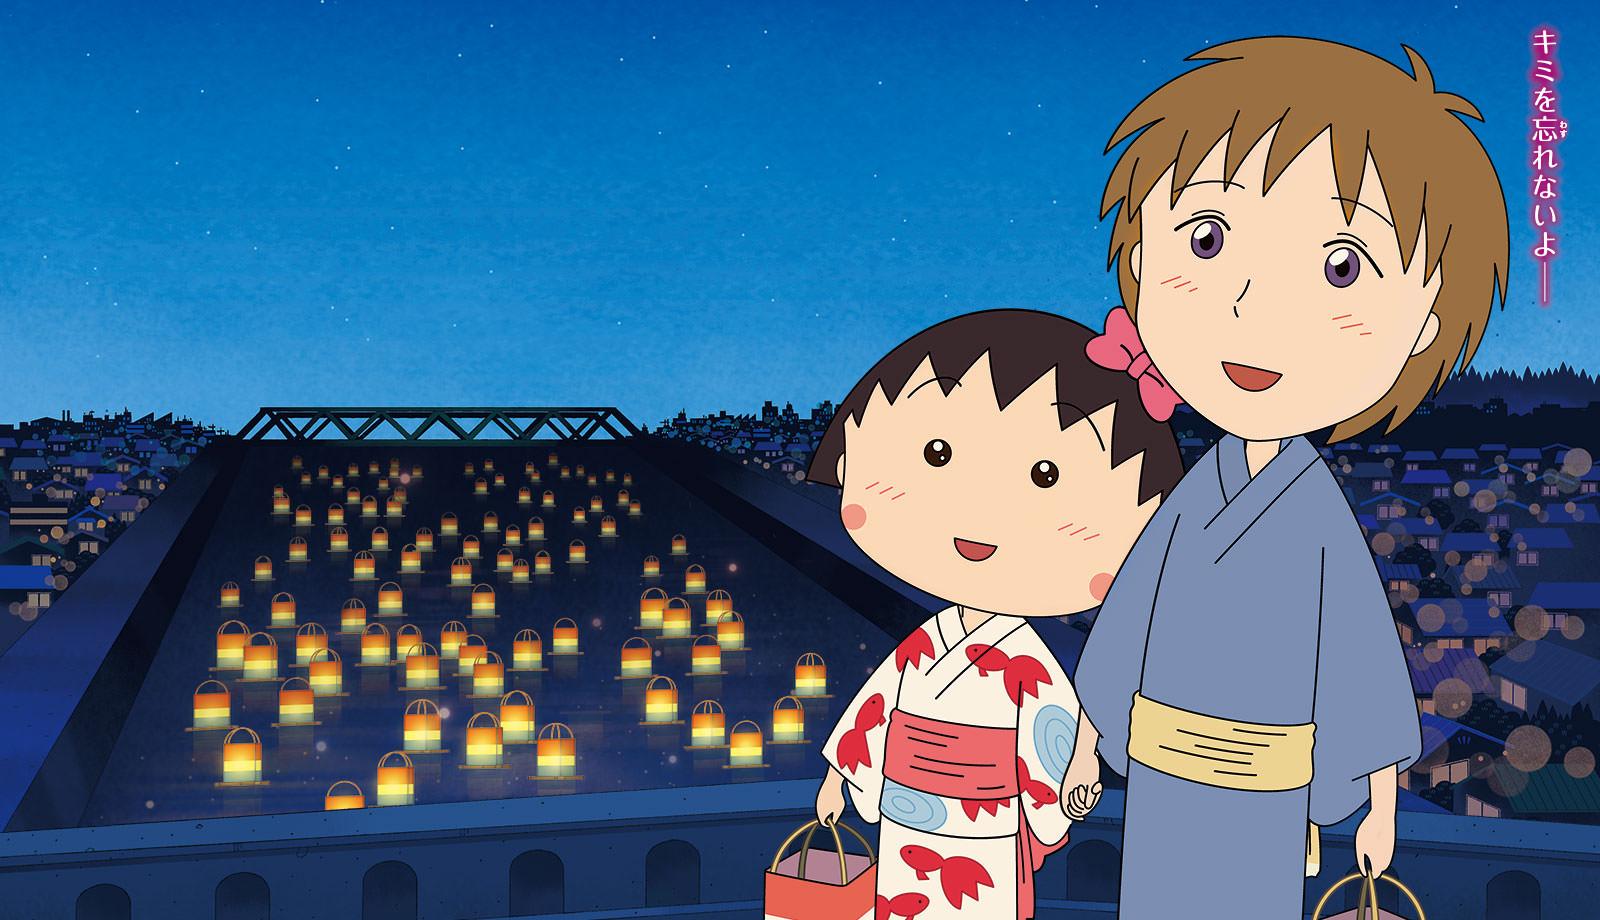 【影評】電影版櫻桃小丸子:來自義大利的少年01